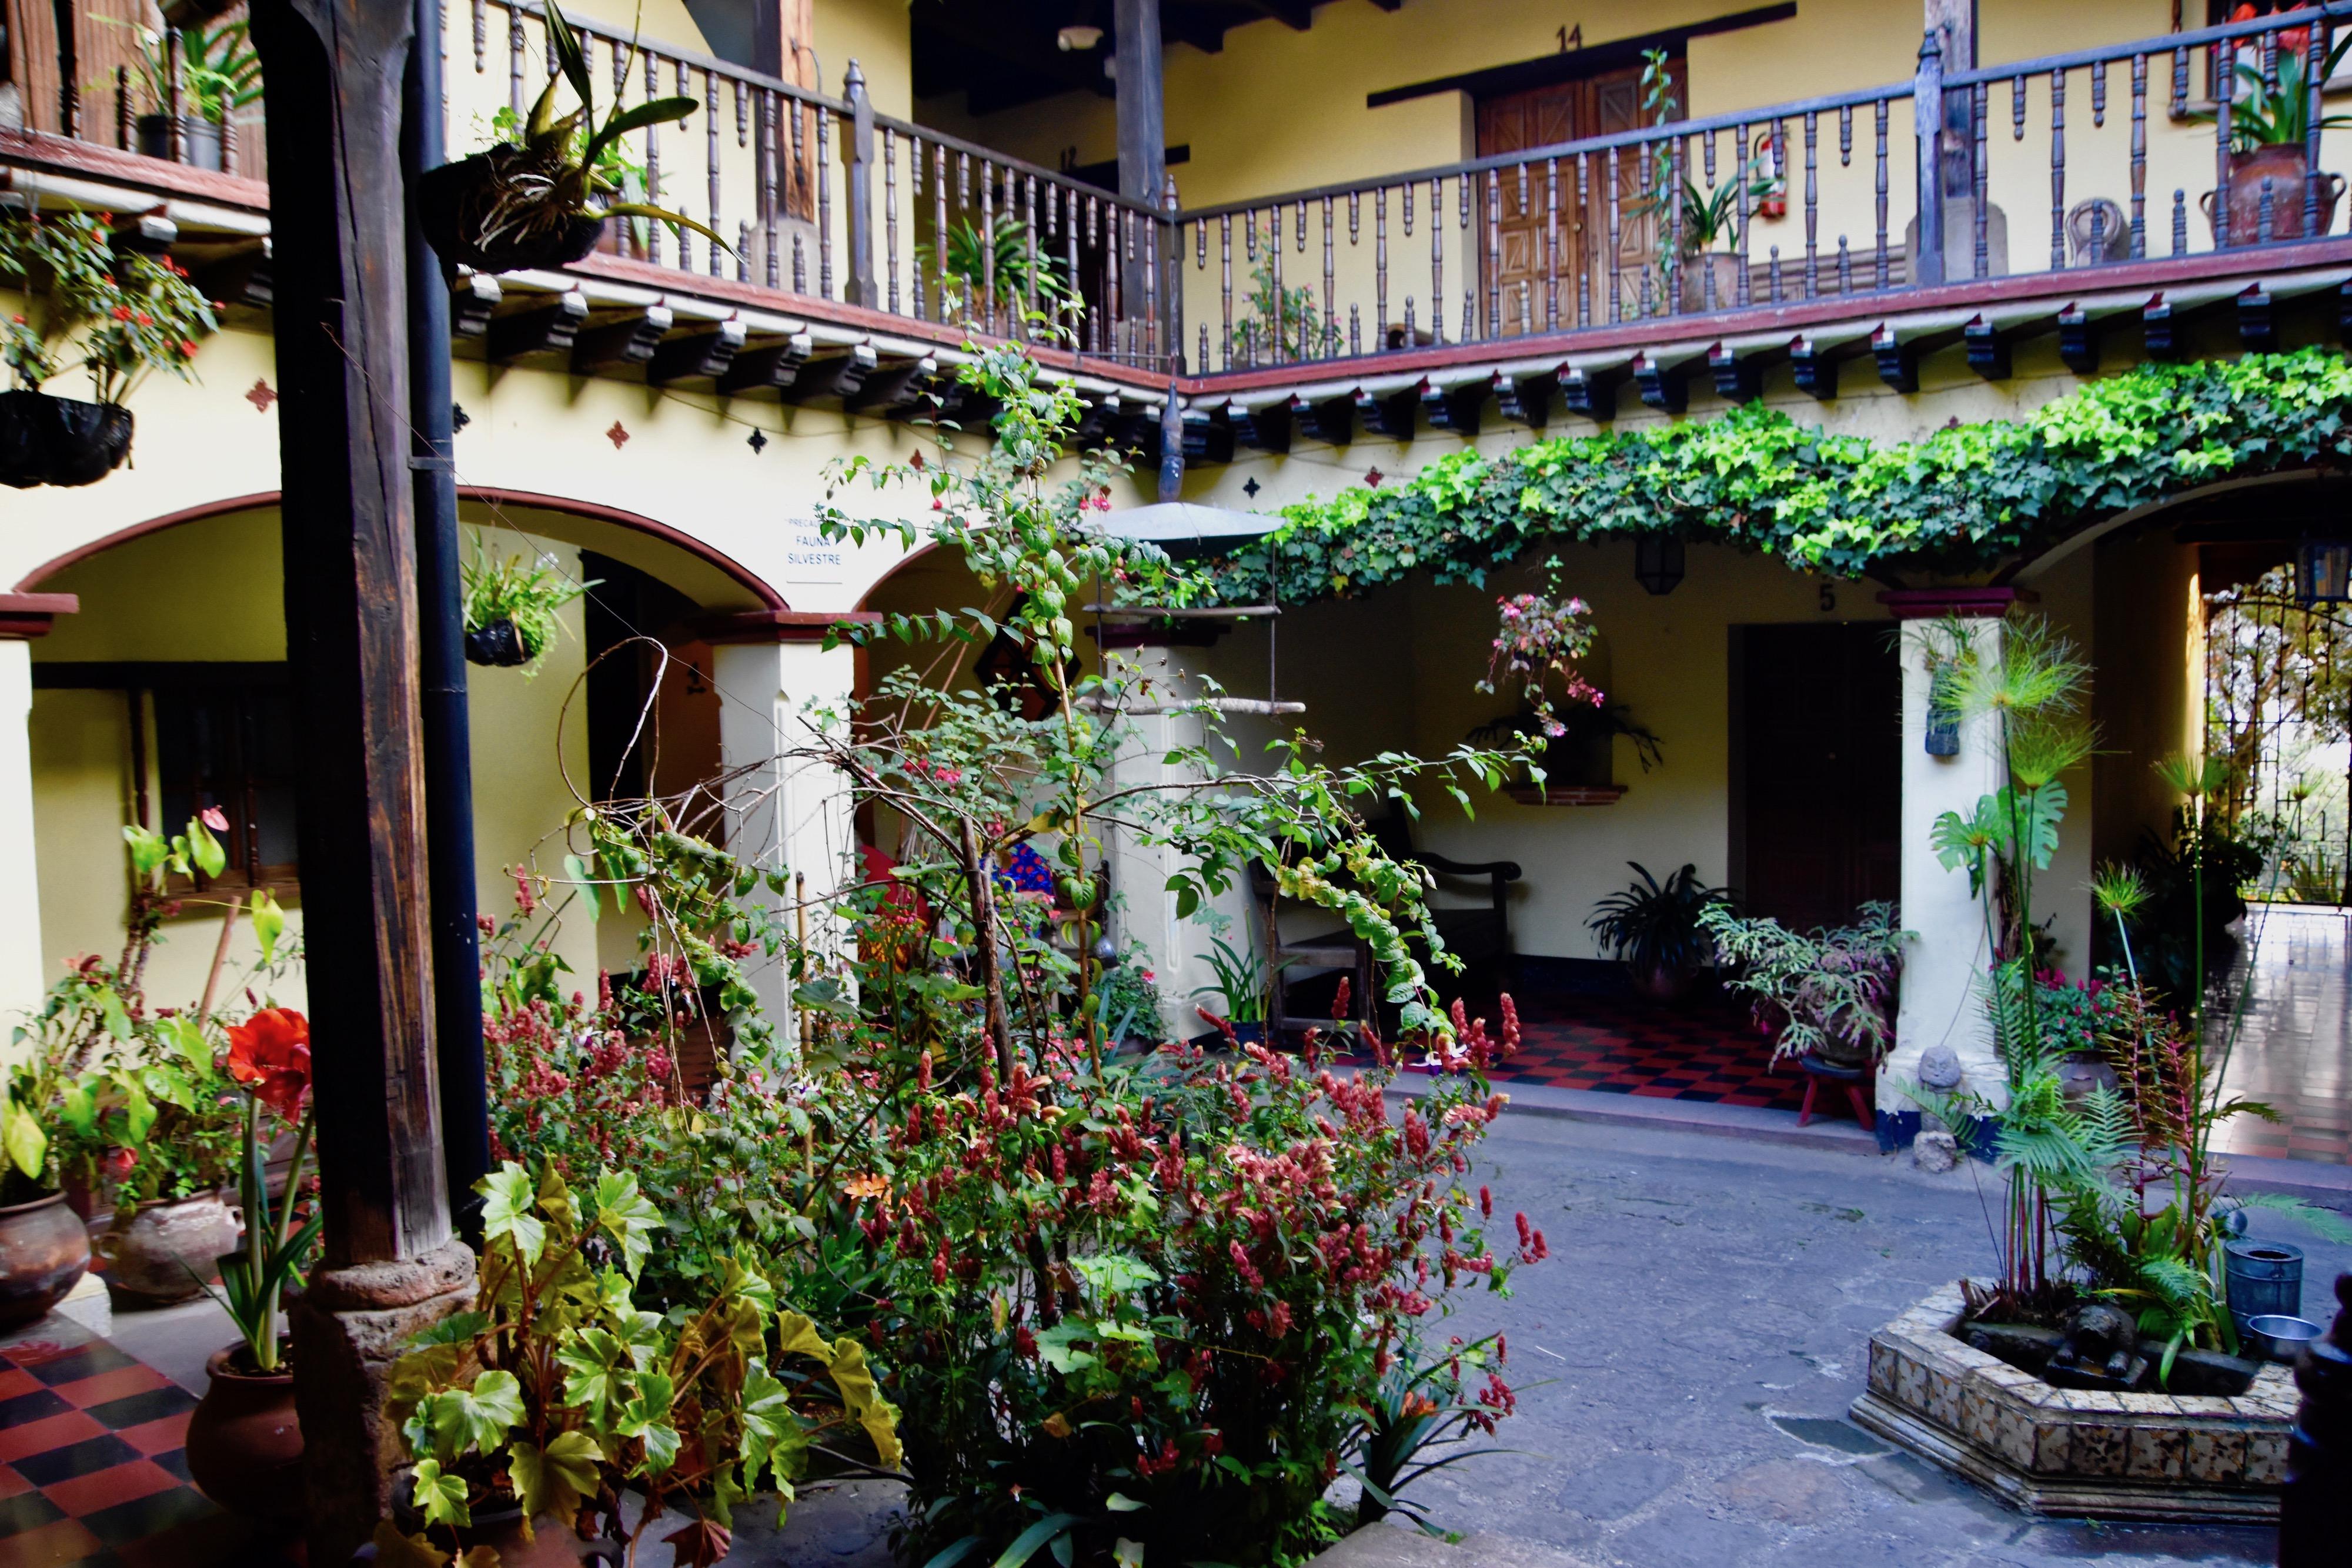 Annex Courtyard, Mayan Inn, Chichicastenango